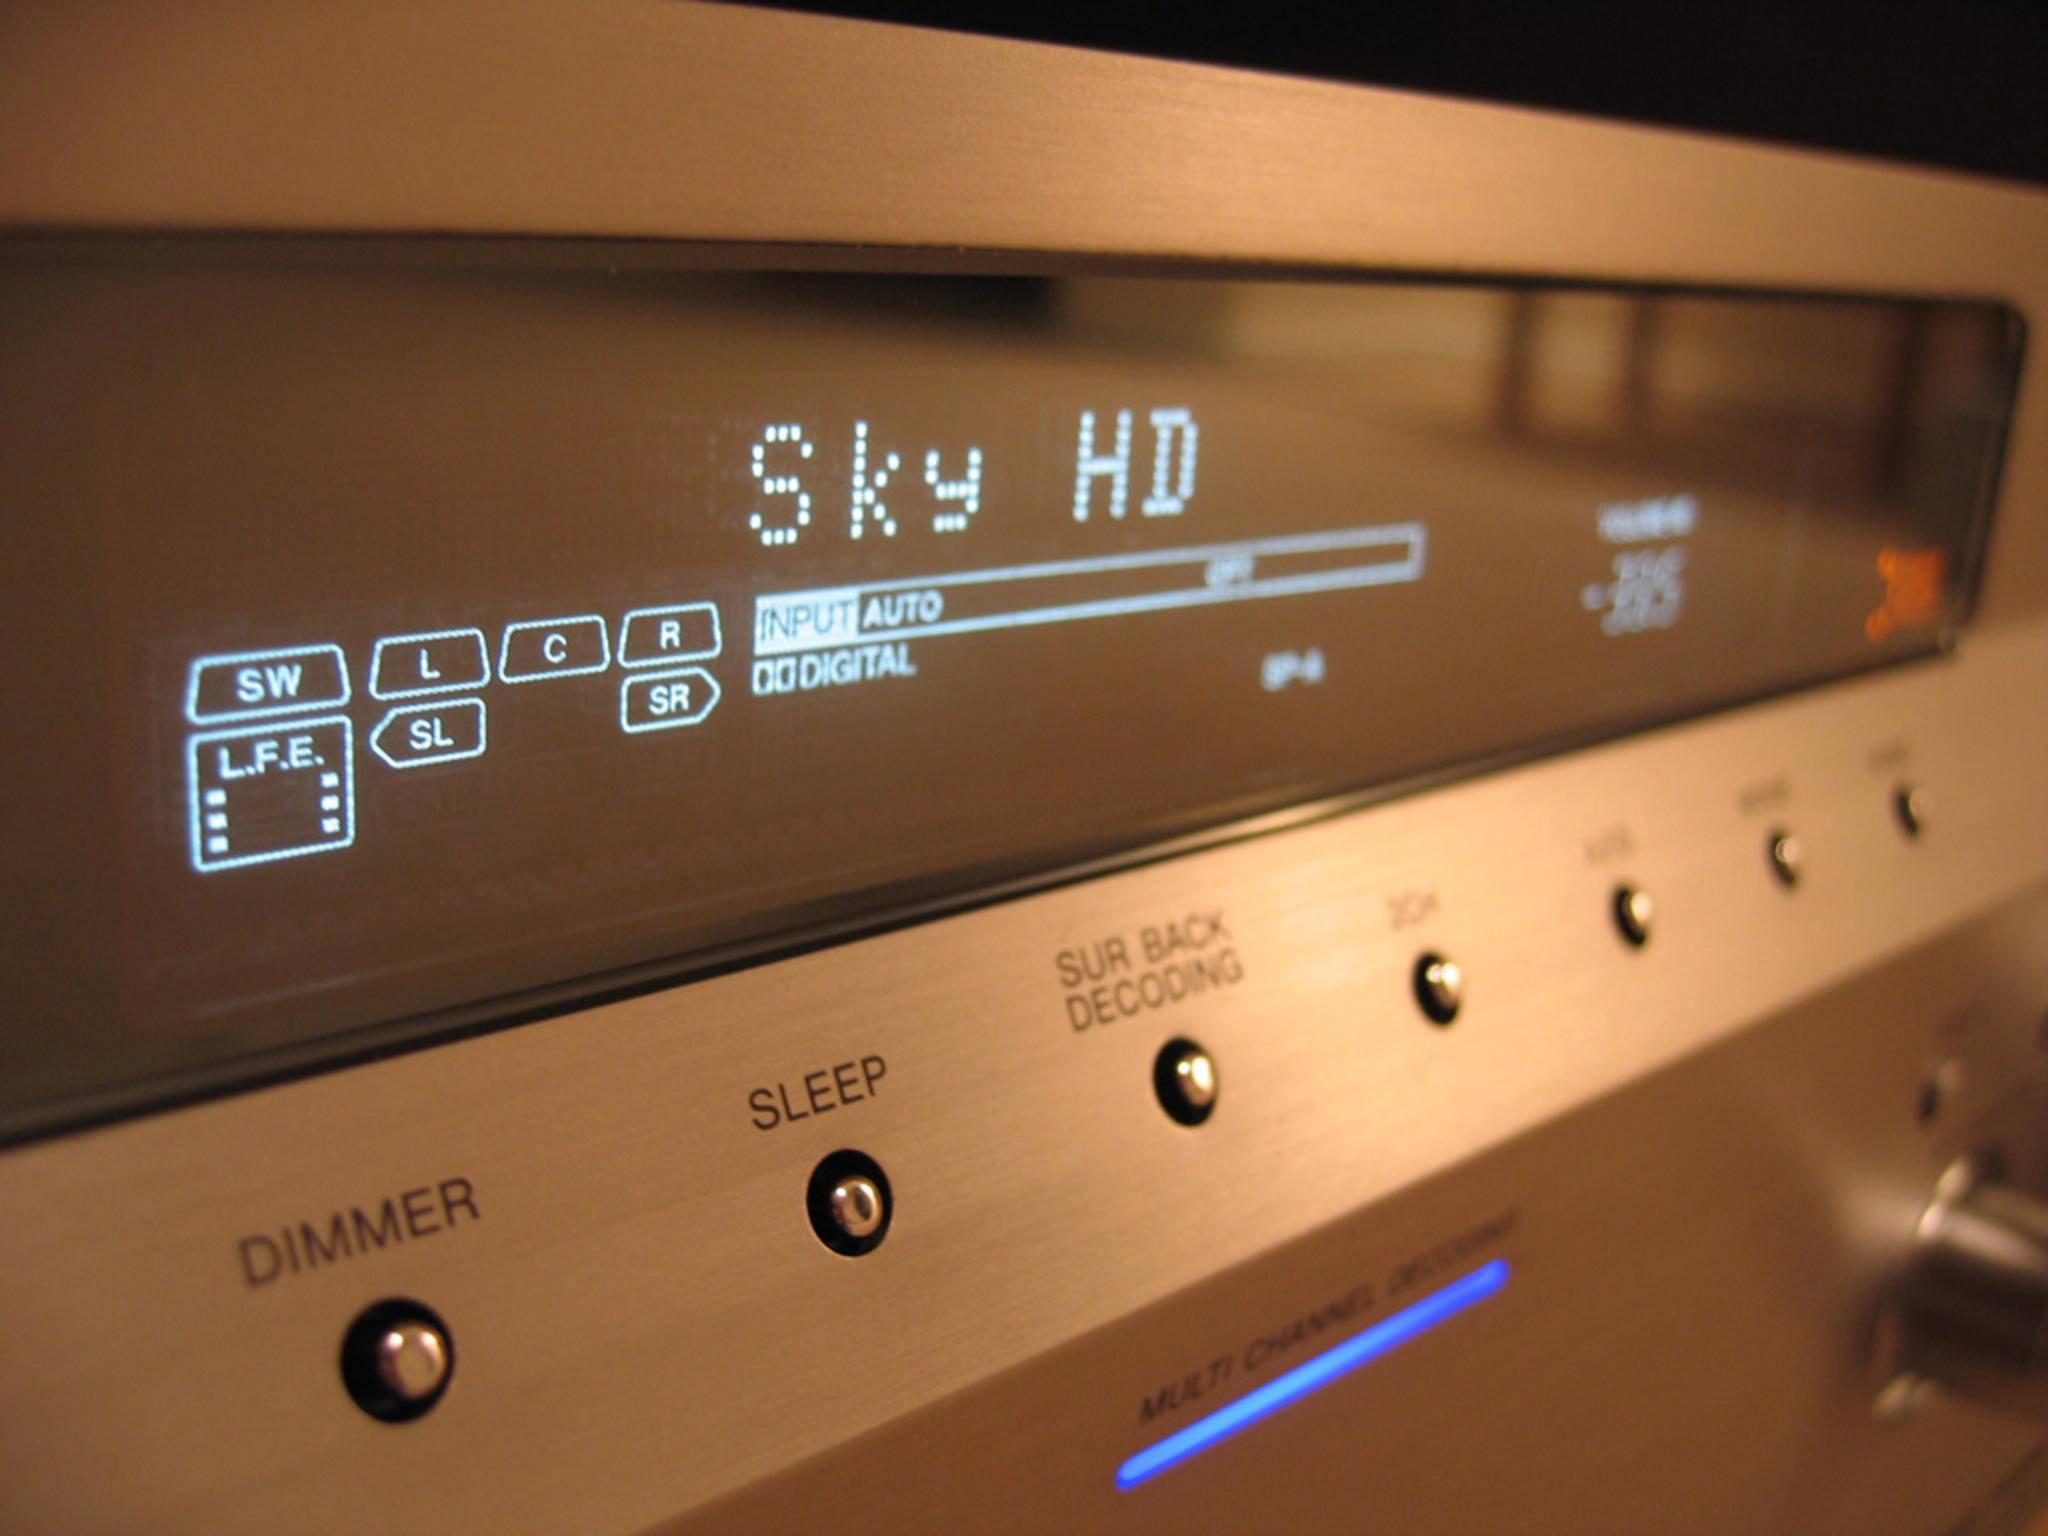 Wer seinen AV-Receiver optimal einstellt, hat mehr vom Klang.